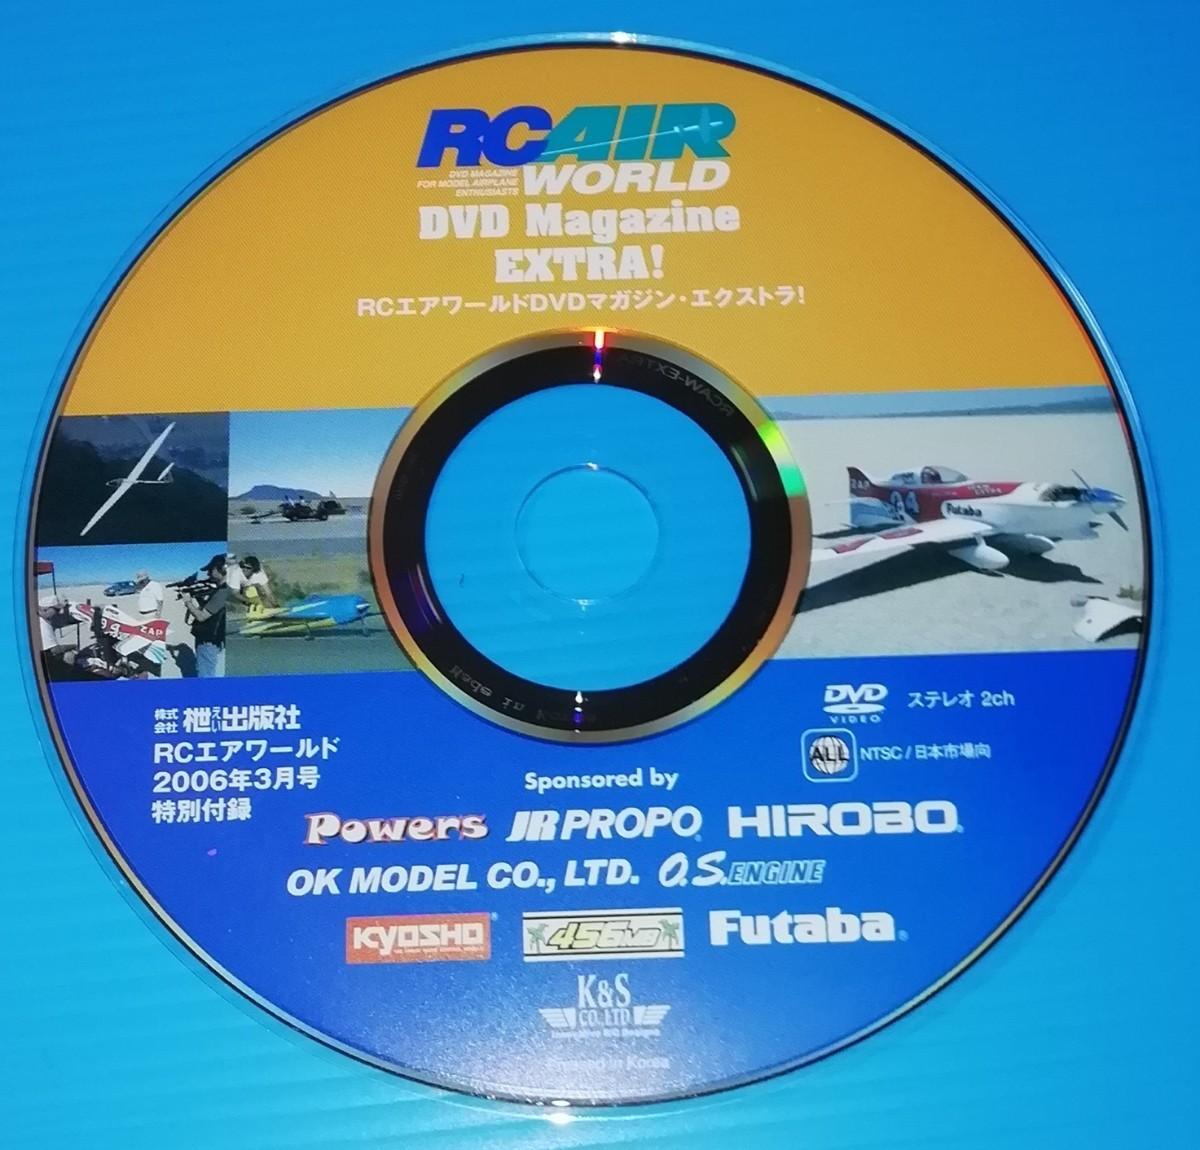 ラジコン飛行機のDVD、RC AIR WORLD DVD